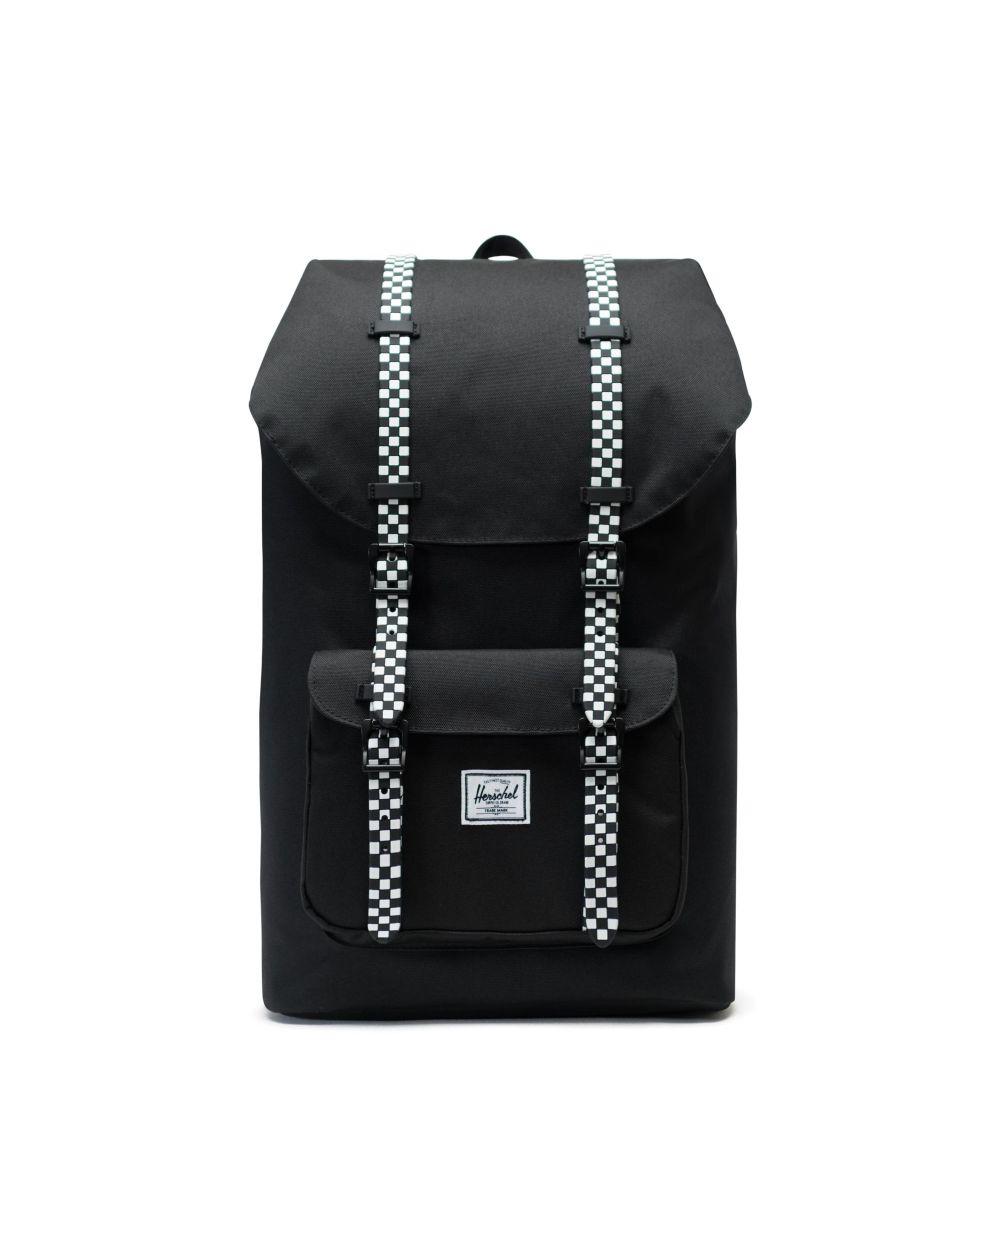 4eb8fd9965 Herschel Little America Backpack — CORE 1 - Oakville s Apple Specialist  Store